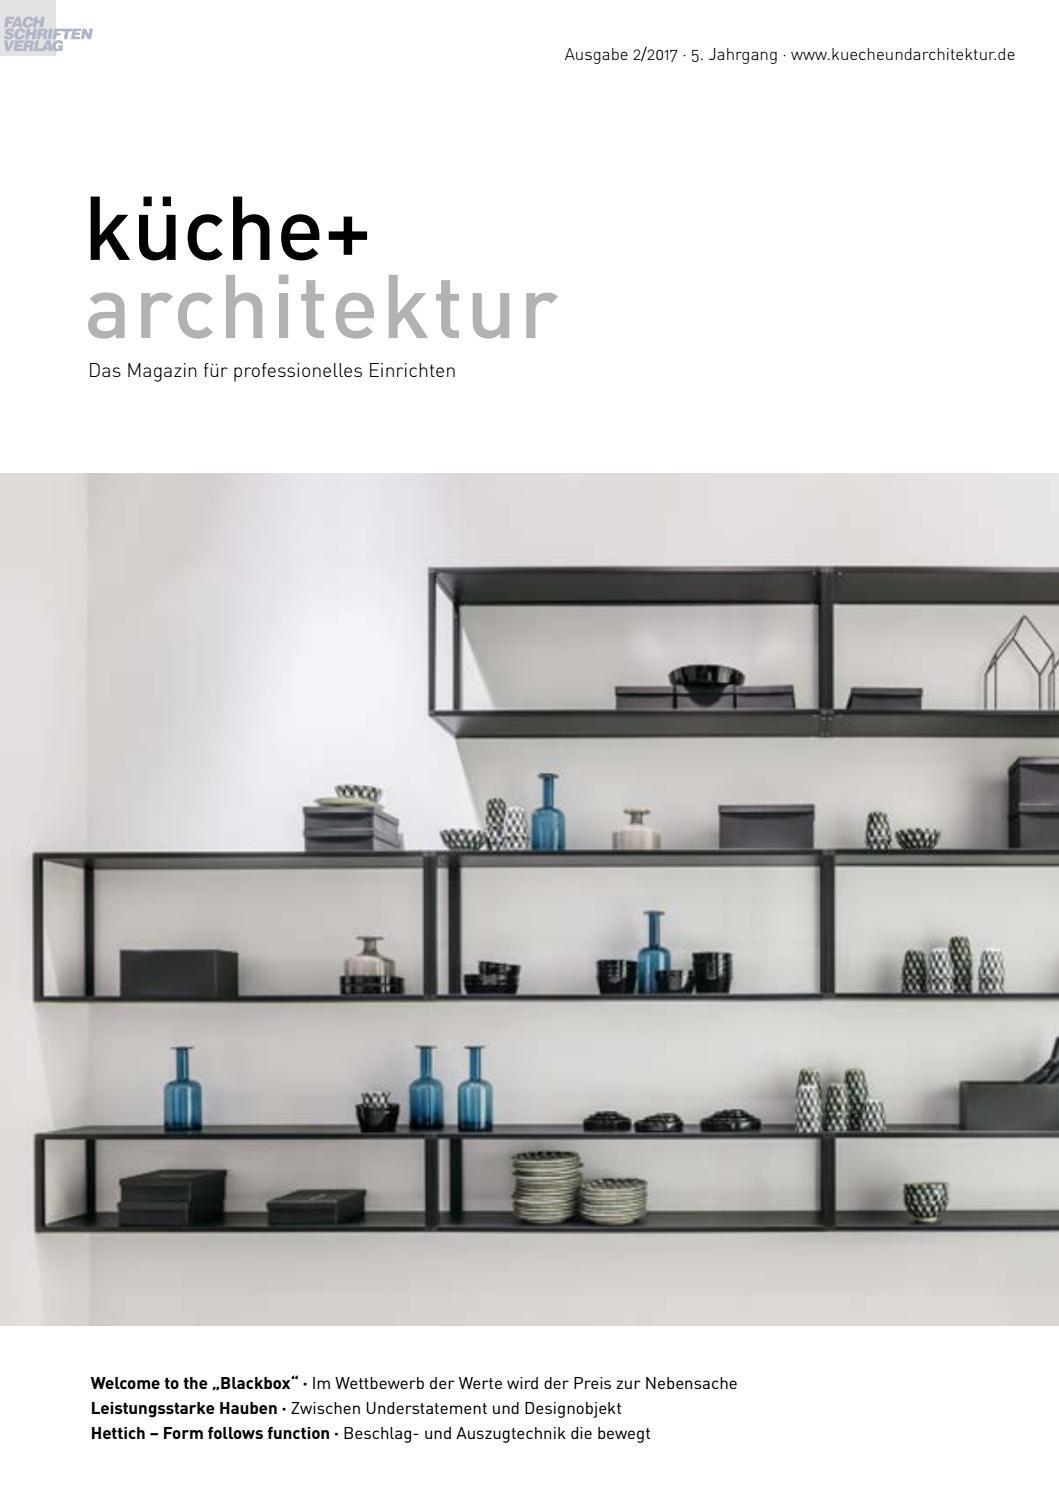 küche + architektur 2/2017 by Fachschriften Verlag - issuu